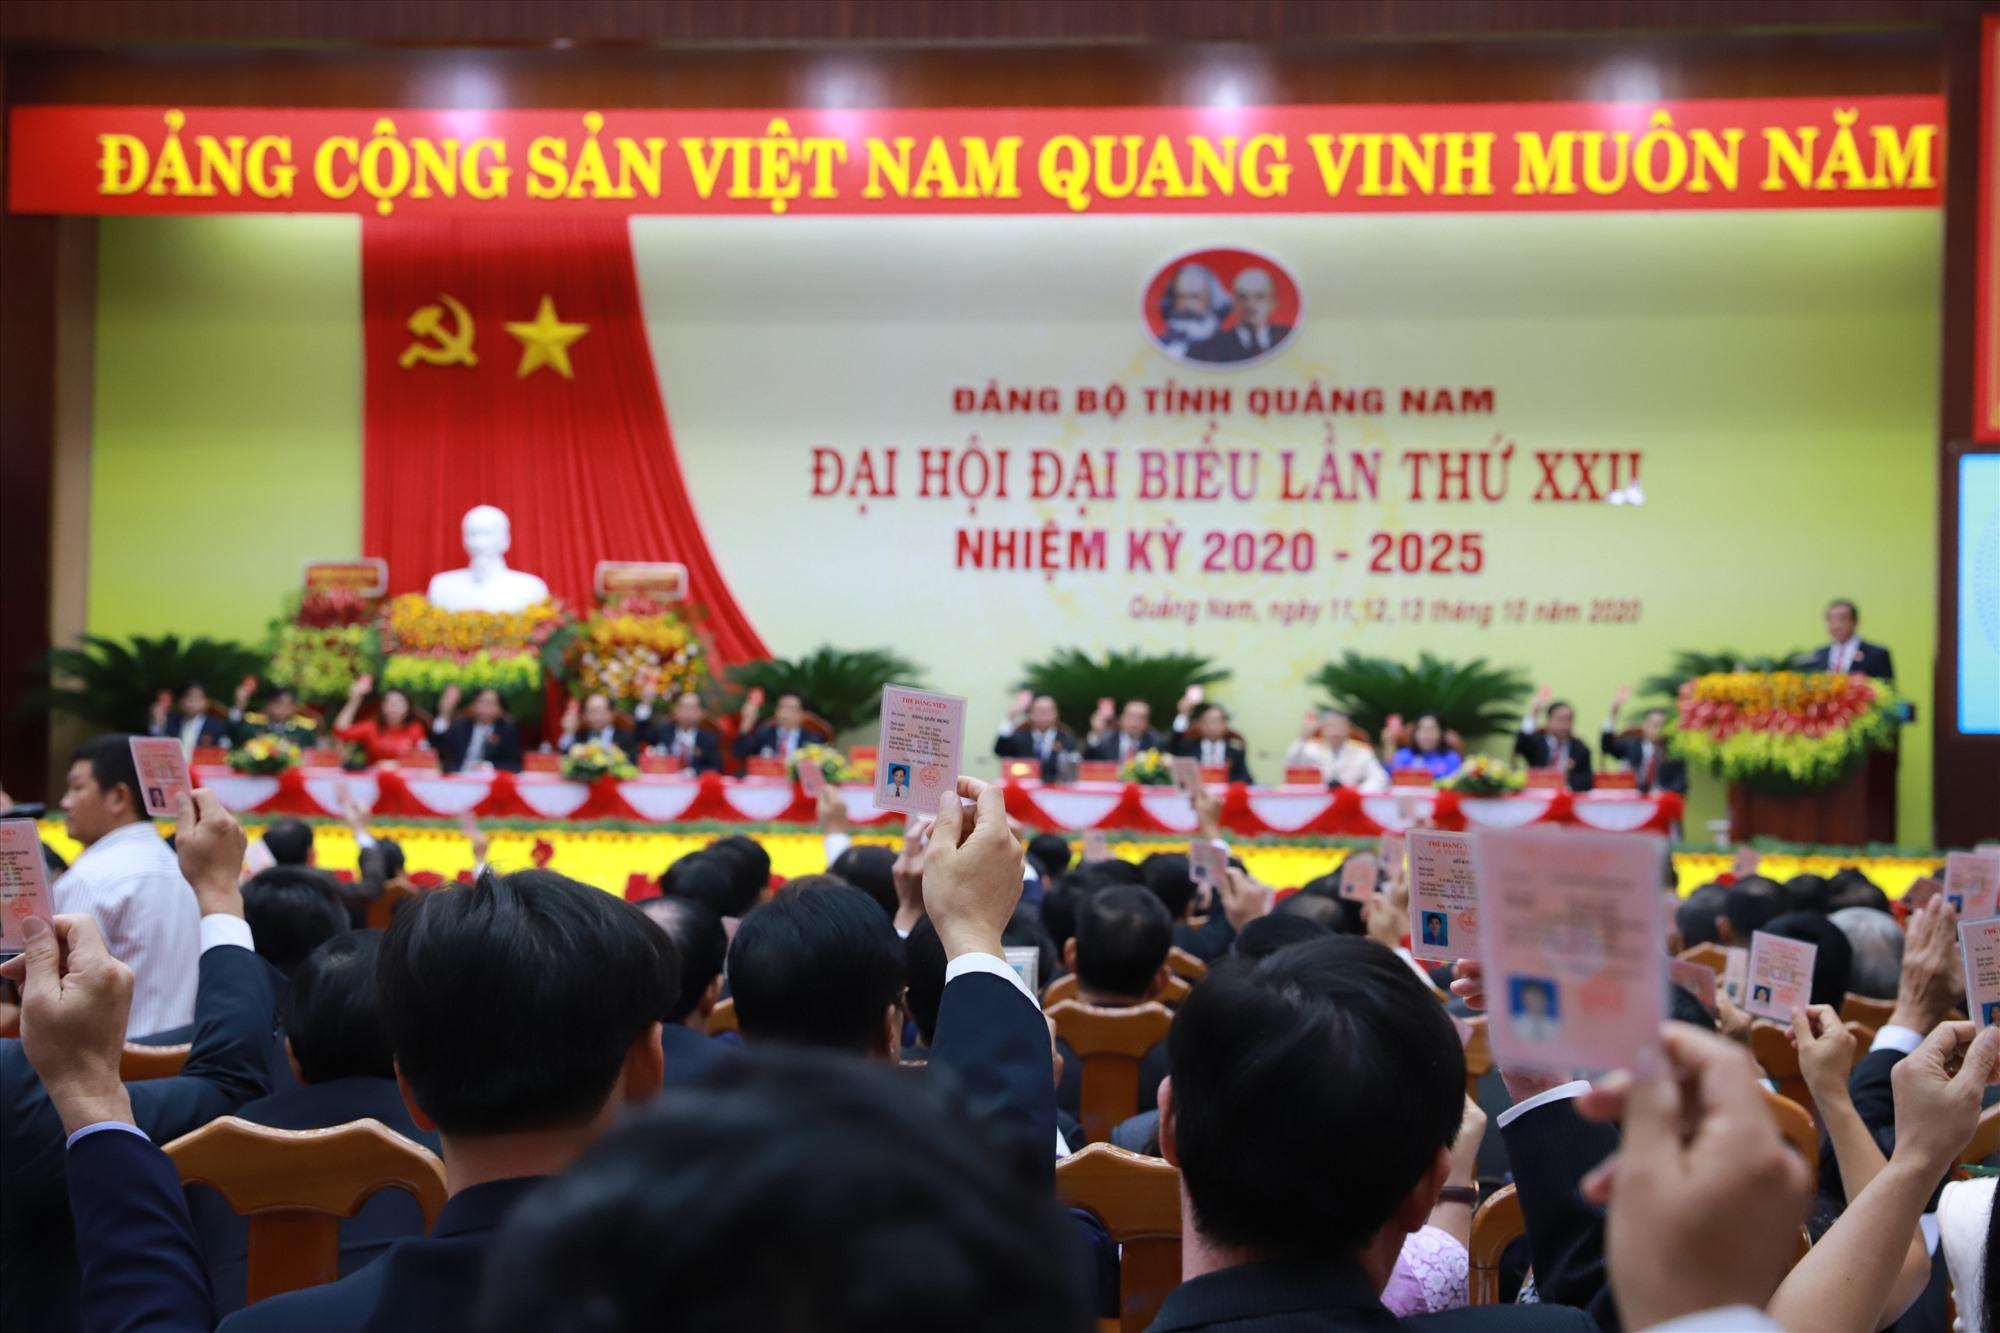 Đại hội biểu quyết thống nhất với đề án nhân sự do Ban Chấp hành Đảng bộ tỉnh khóa XXI trình.